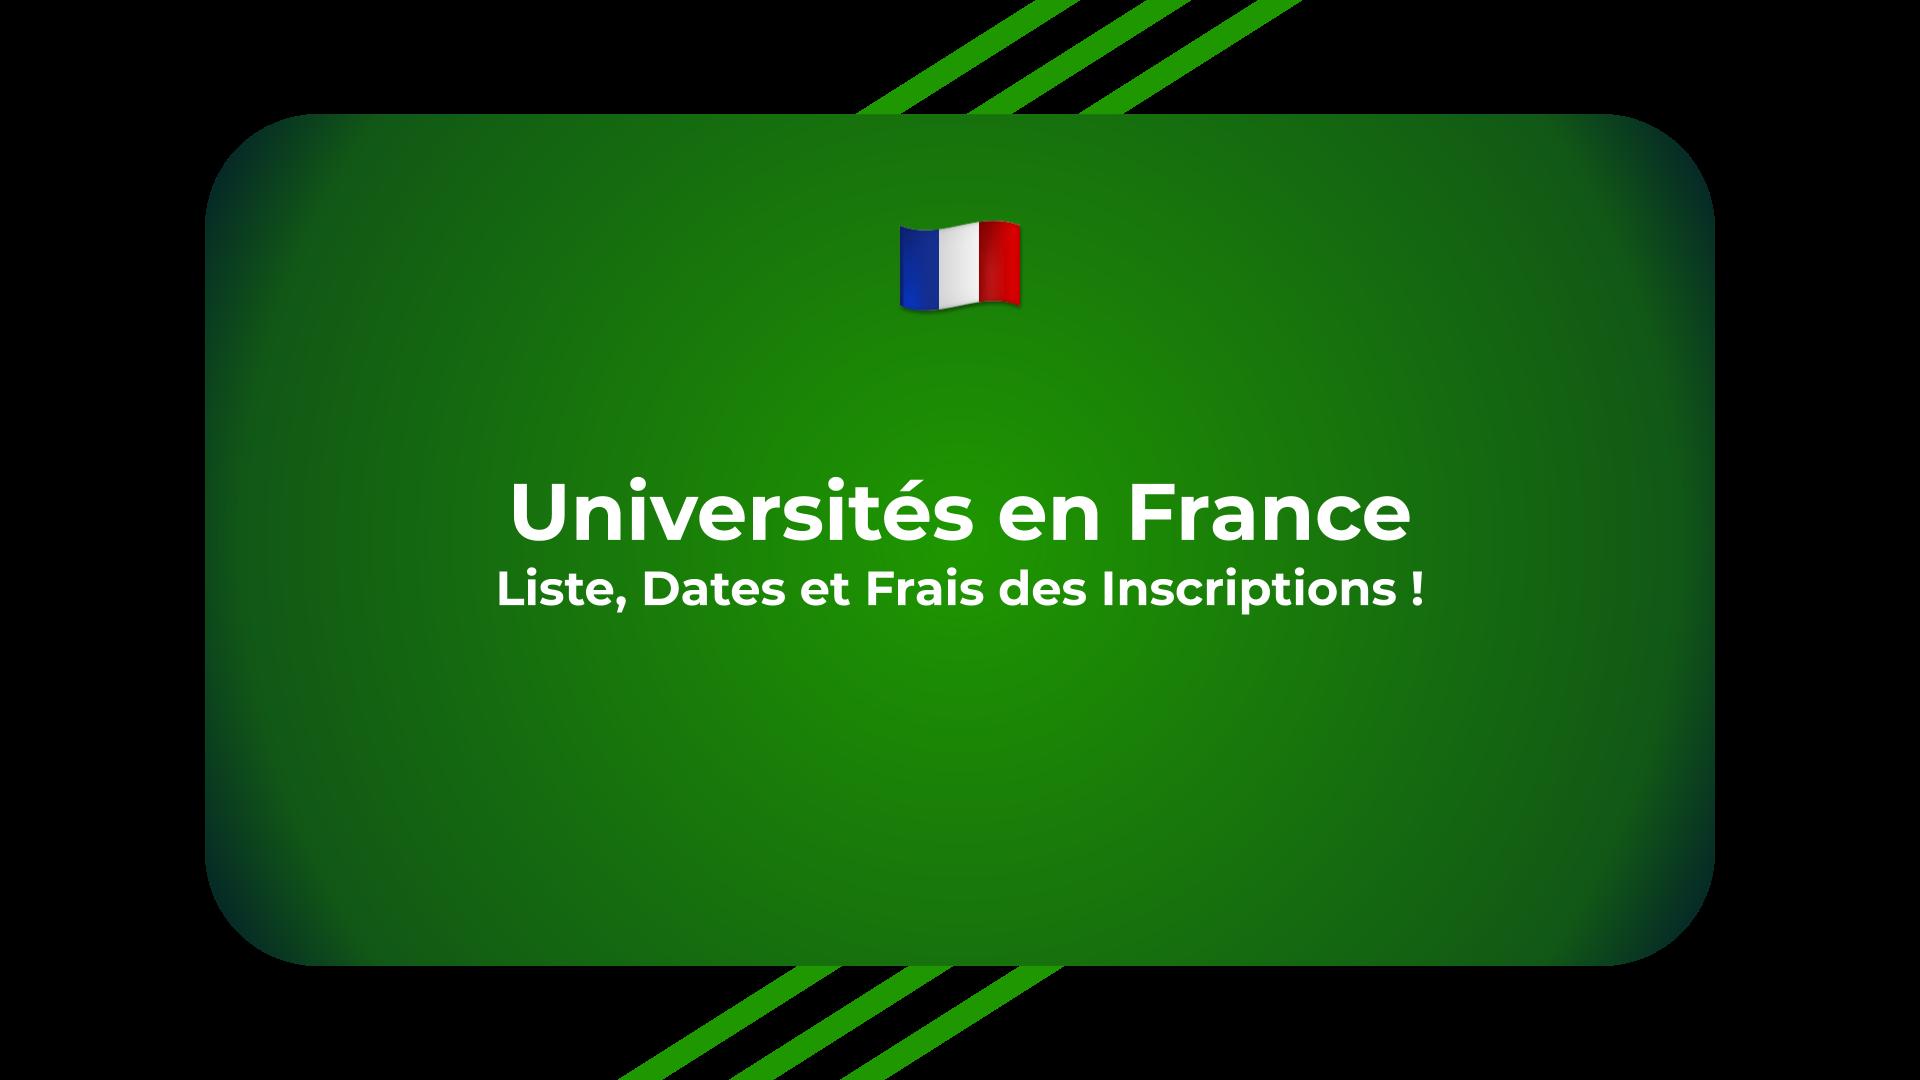 Universités en France - Liste, Dates et Frais des Inscriptions !